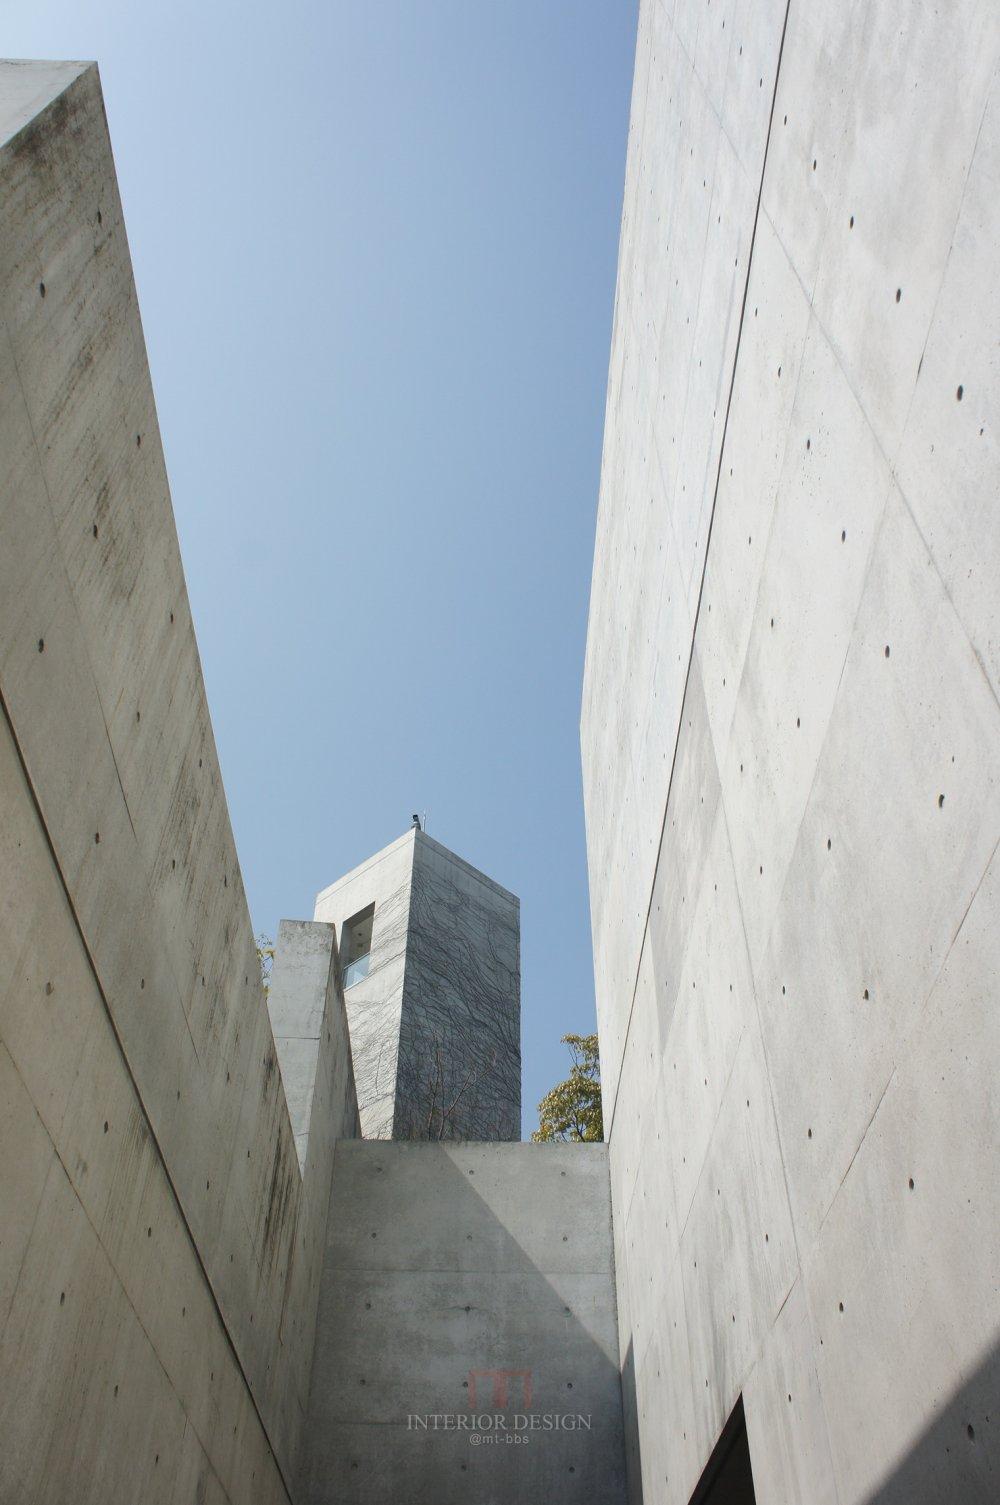 #伙伴一起看日本#  日本设计考察分享(更新美秀美术馆)_DSC05806.JPG